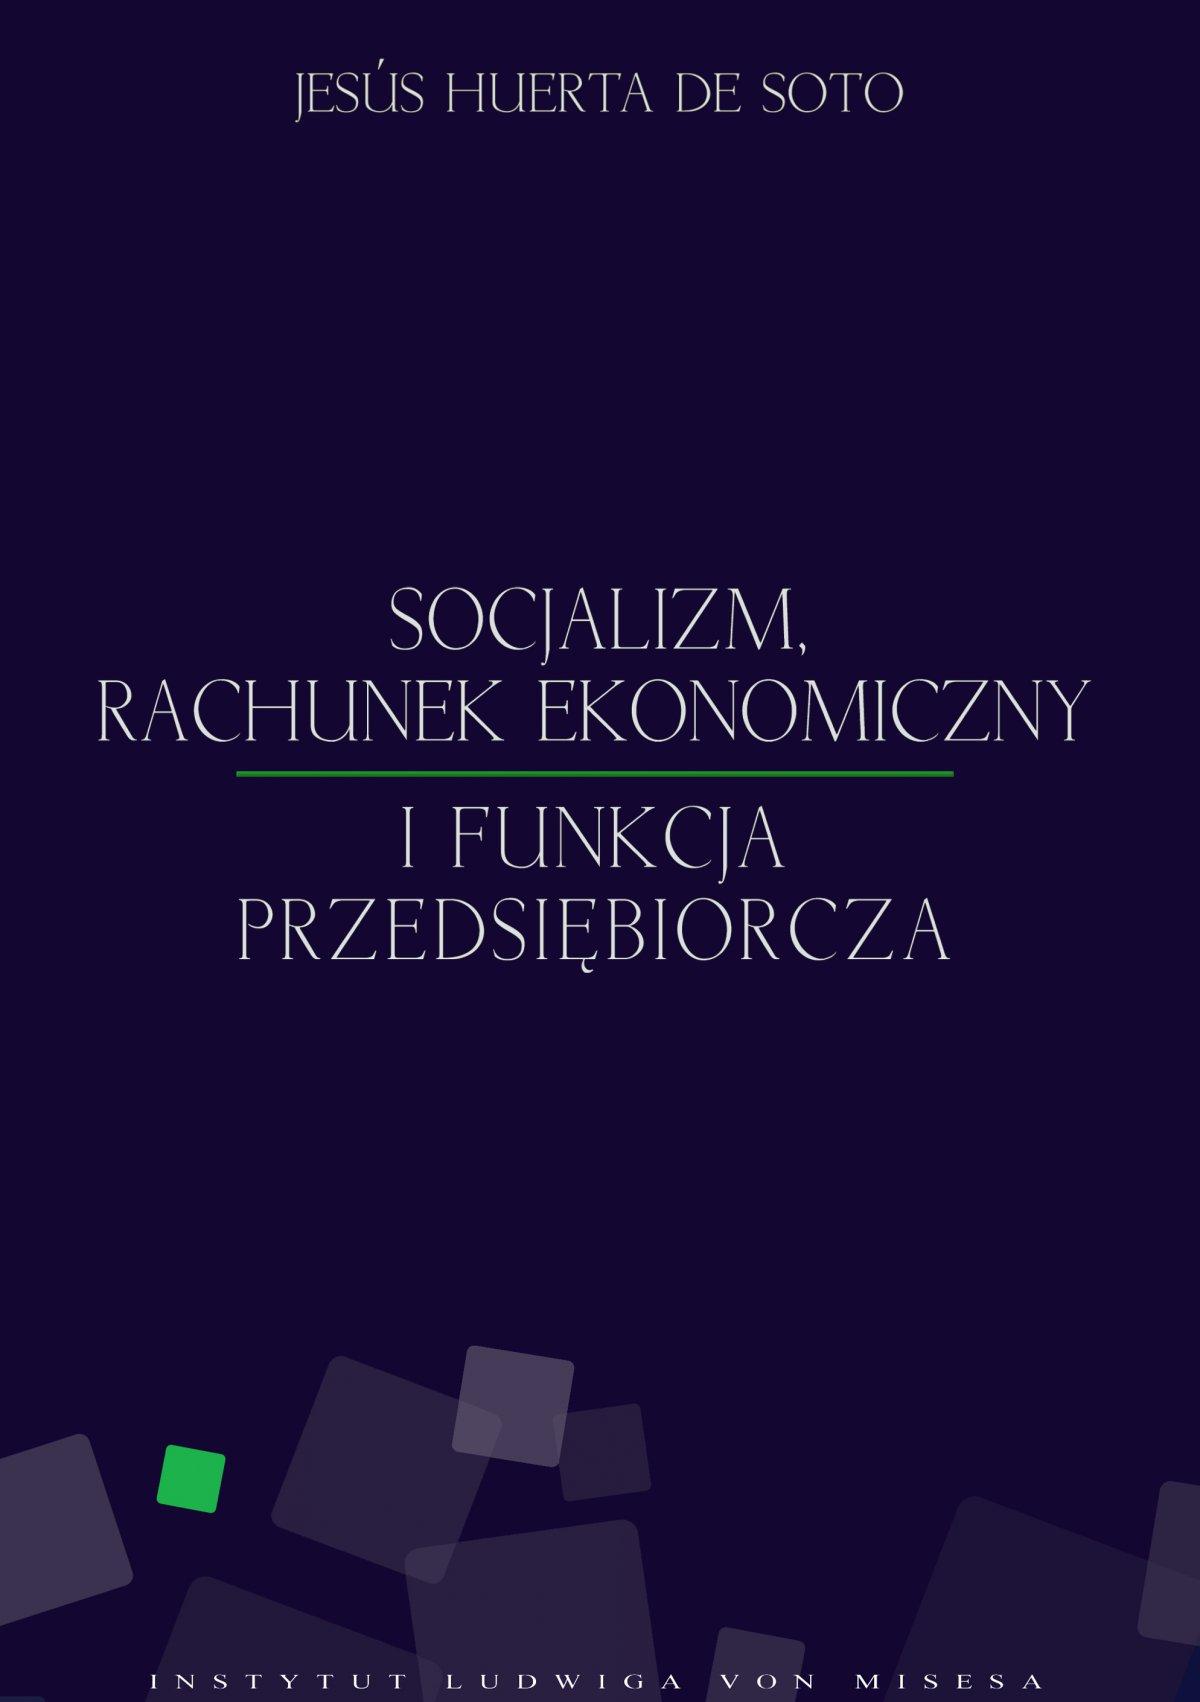 Socjalizm, rachunek ekonomiczny i funkcja przedsiębiorcza - Ebook (Książka na Kindle) do pobrania w formacie MOBI